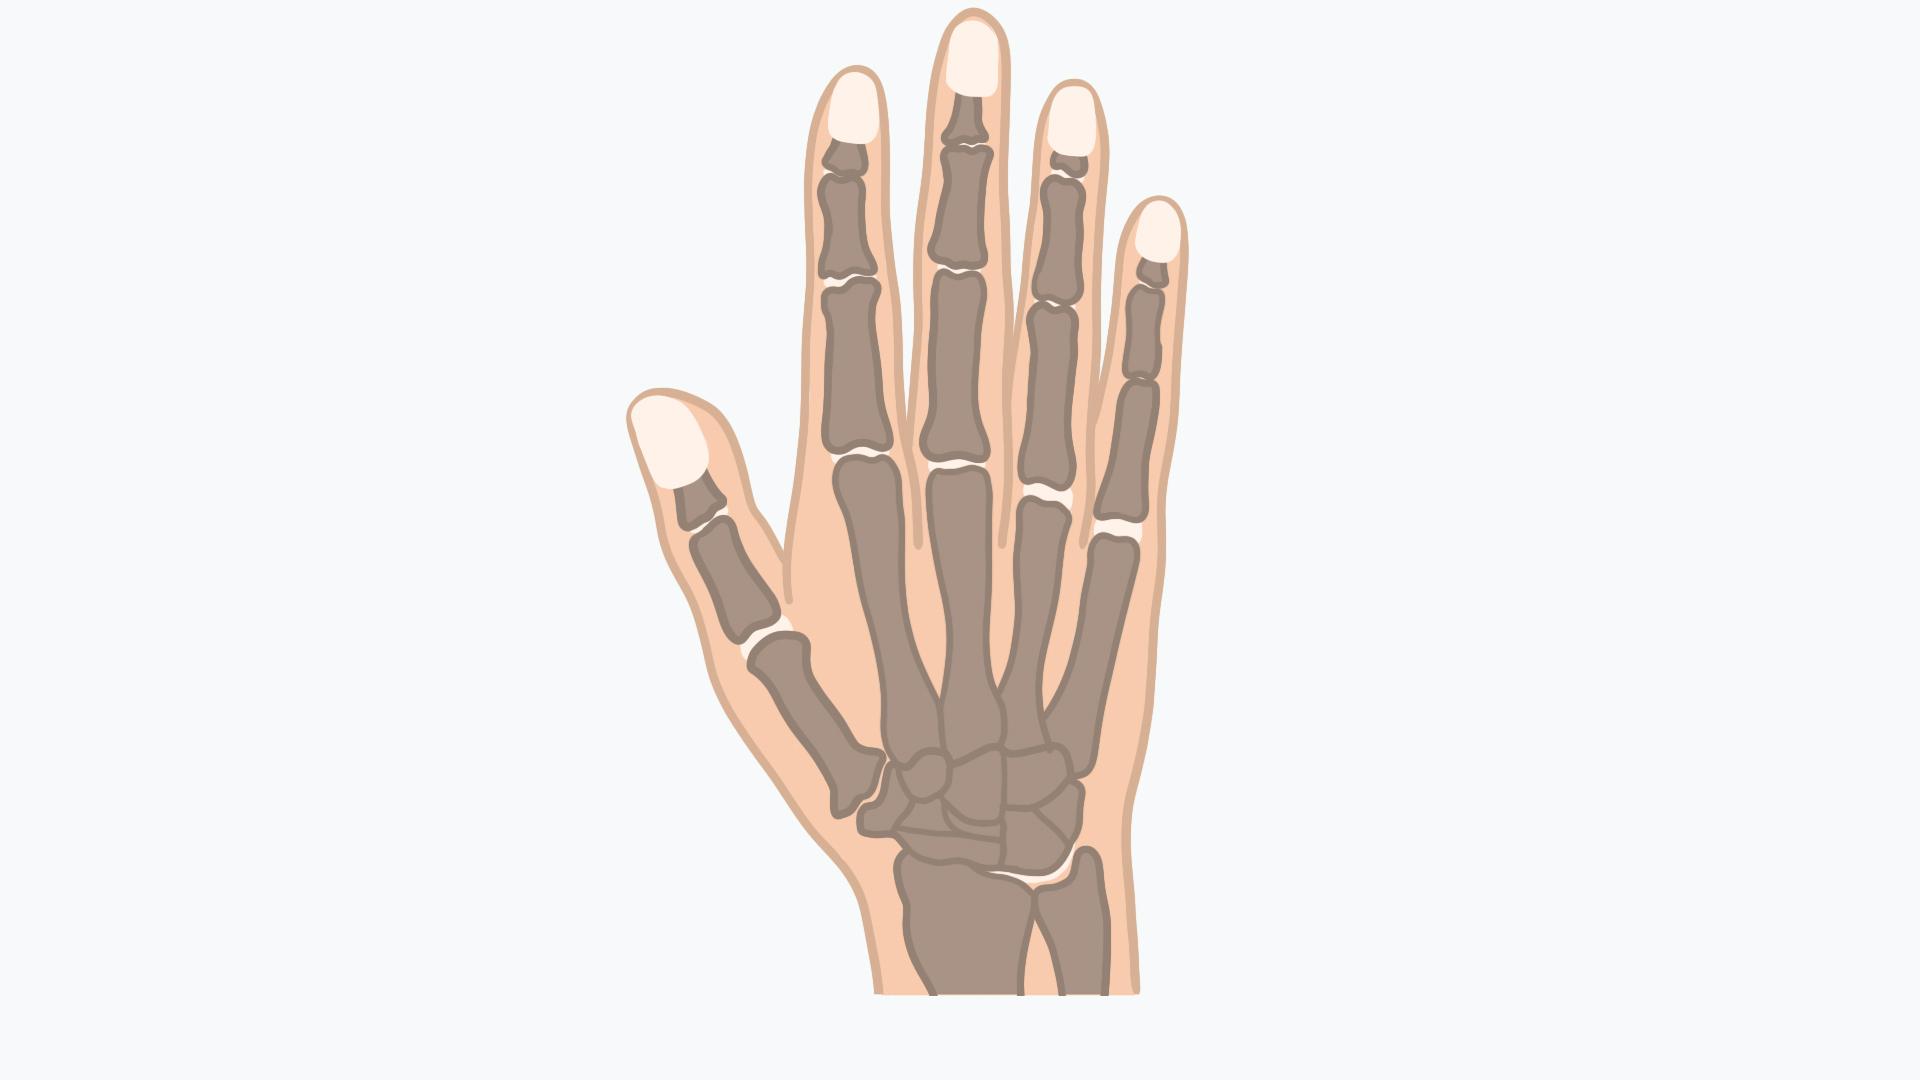 27 Knochen und 15 Gelenke kommen in der Hand auf kleinstem Raum zusammen